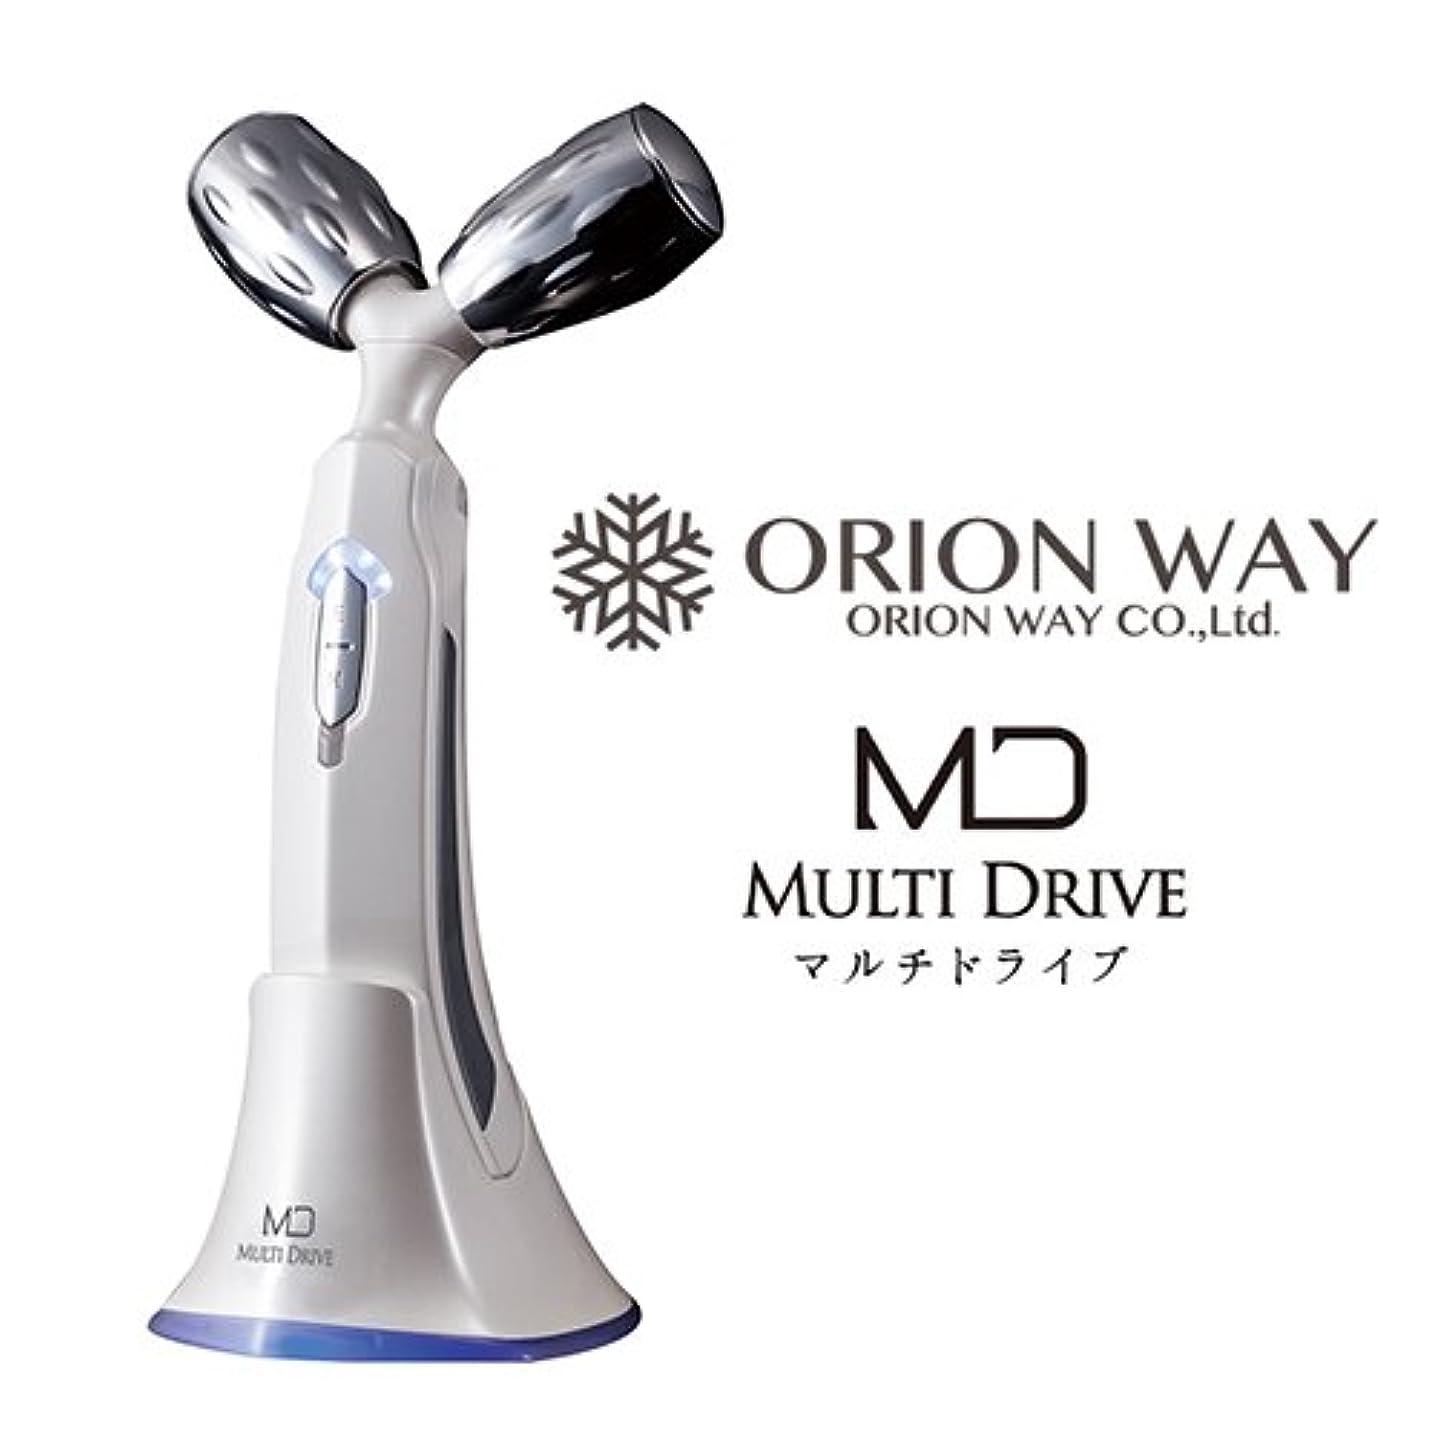 不承認カトリック教徒闘争美容機器 MULTI DRIVE (マルチドライブ)